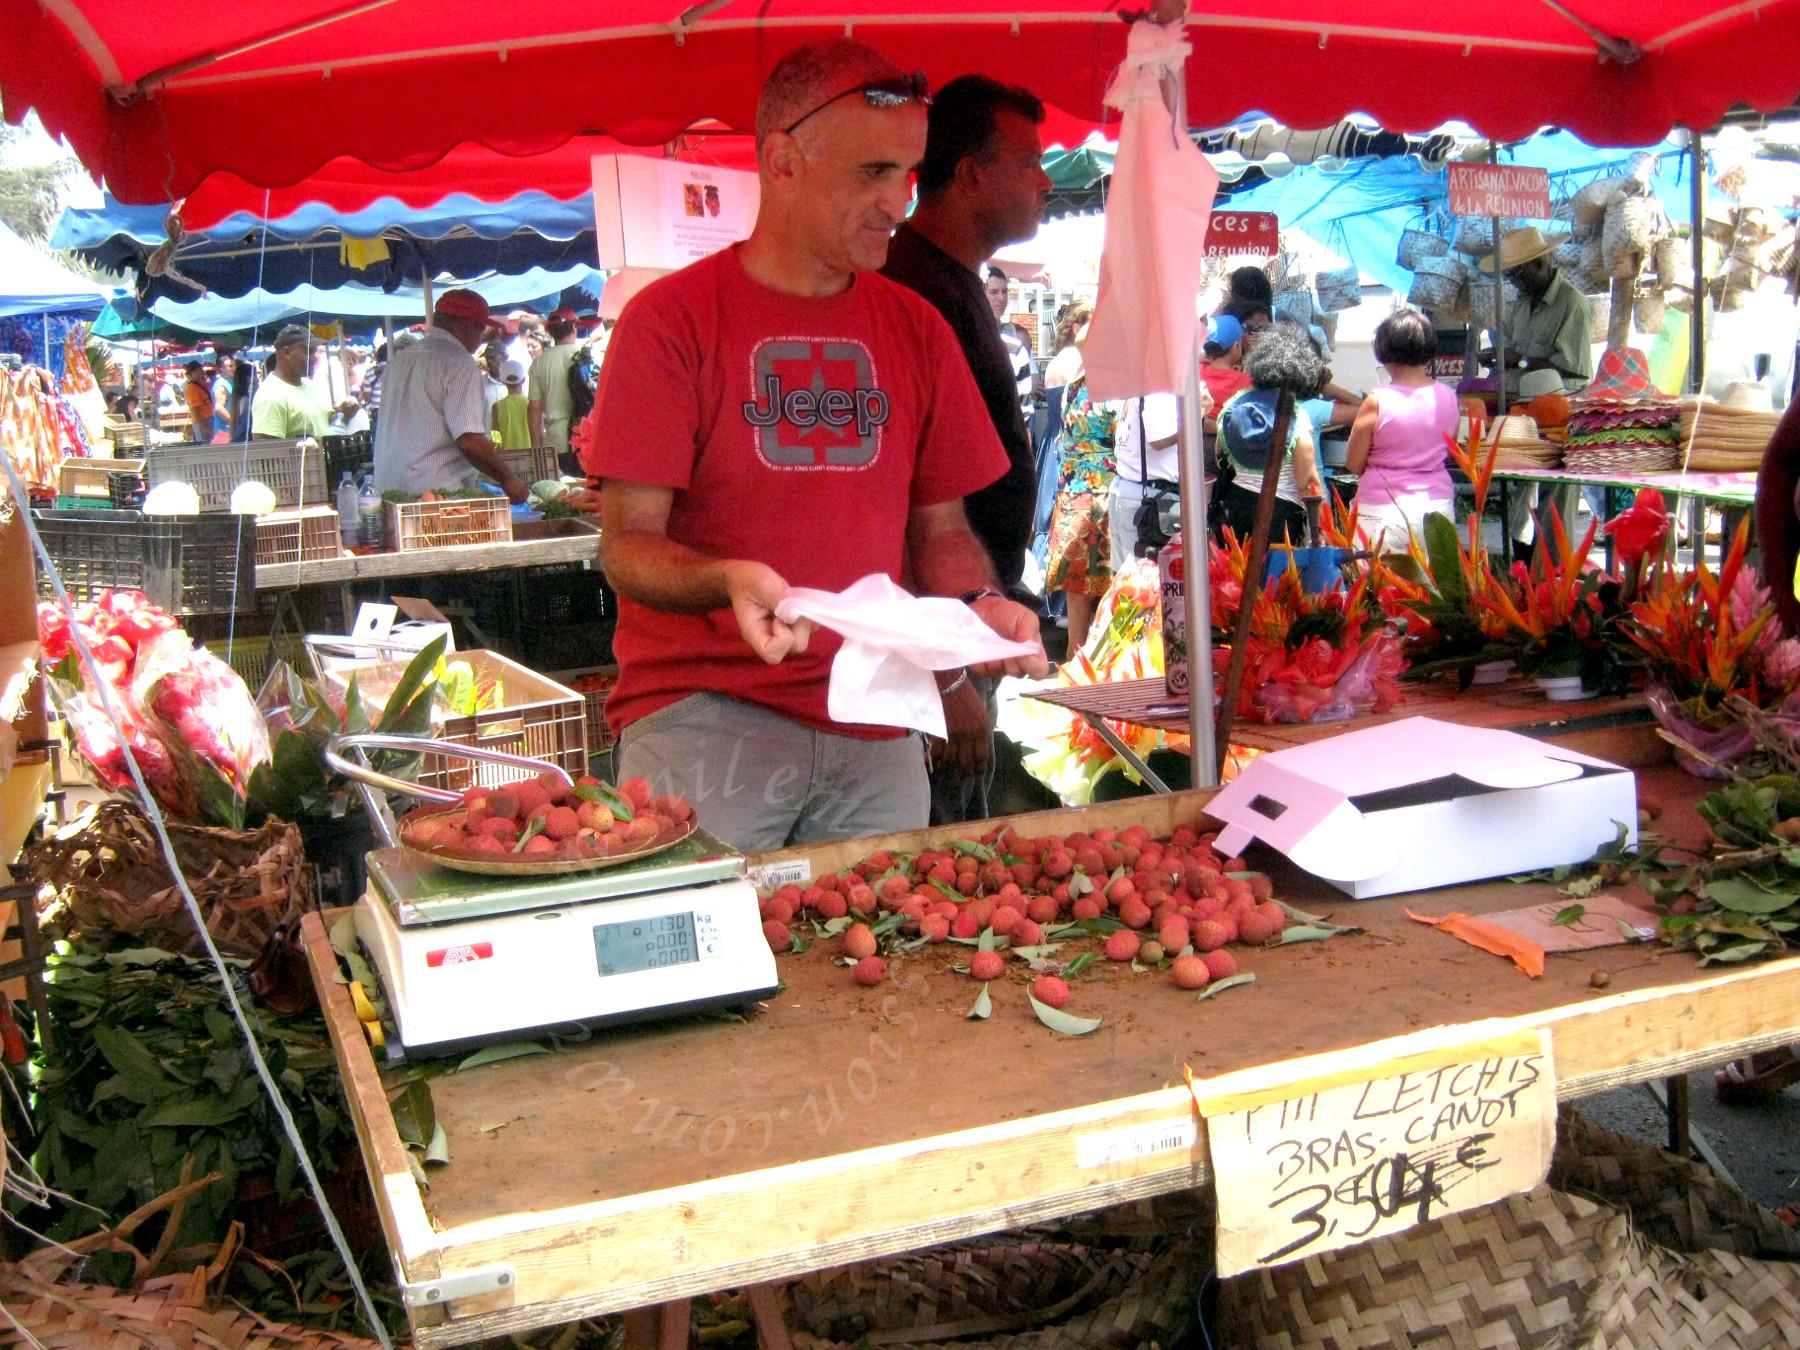 Le marché forain de Saint-Pierre (La Réunion) - Saint Peter's farmers' market (Reunion Island)